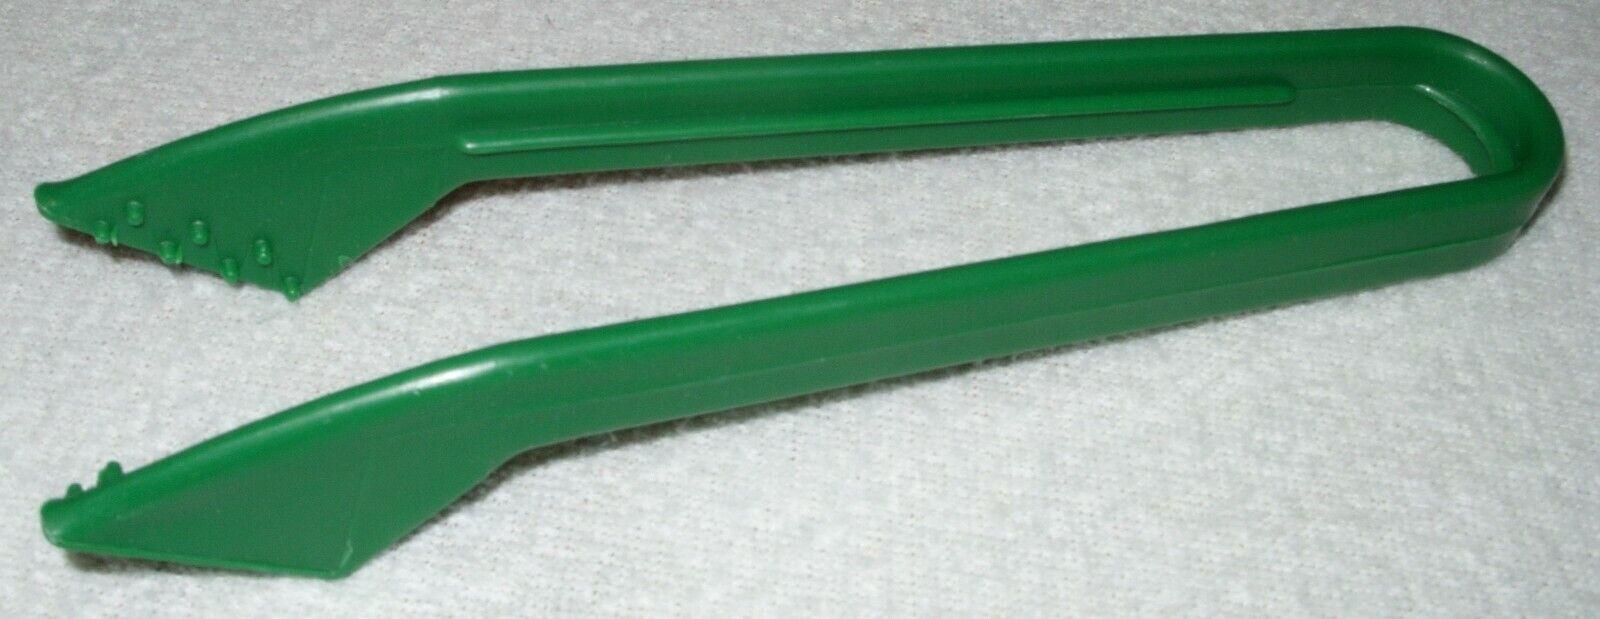 Schneckenzange zum Abfassen von Nacktschnecken aus ABS Kunststoff UV-beständig